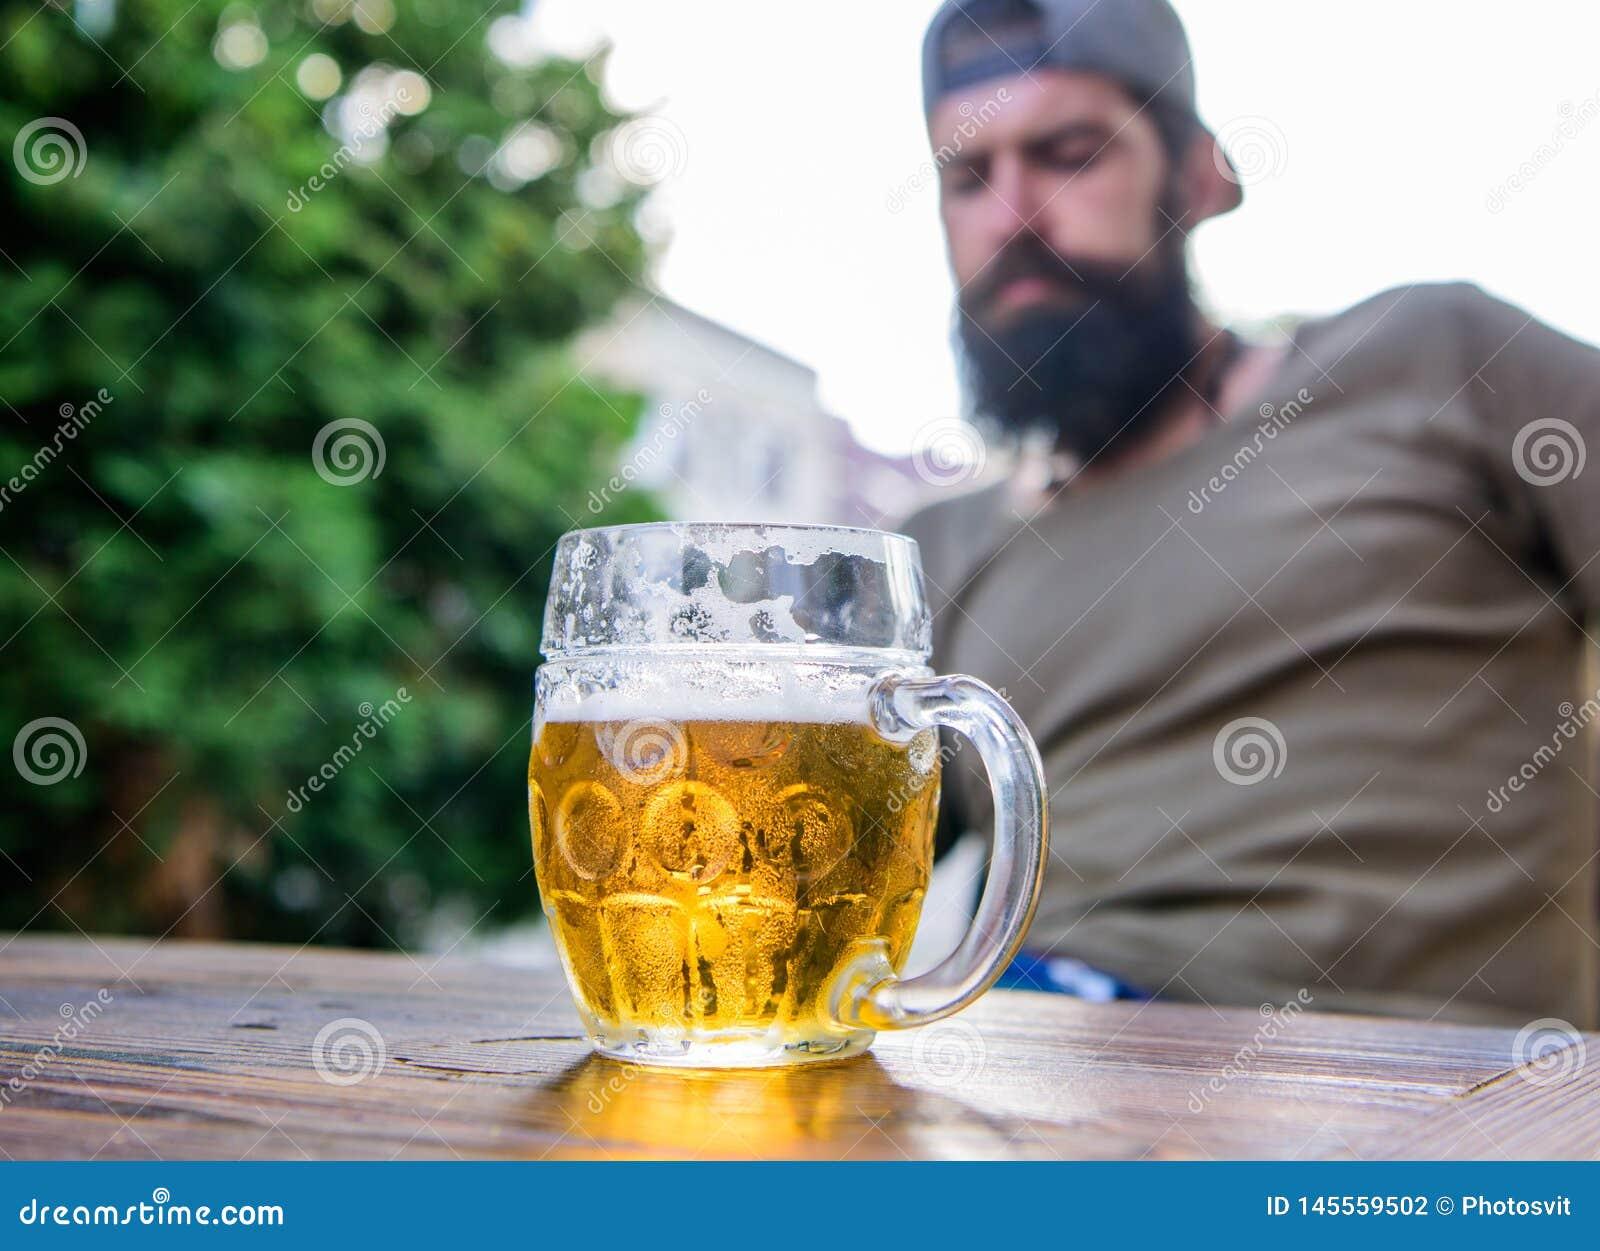 Человек сидит терраса кафа наслаждаясь пивом defocused Пиво ремесла молодо, городской и модно Отдельная культура пива Кружка